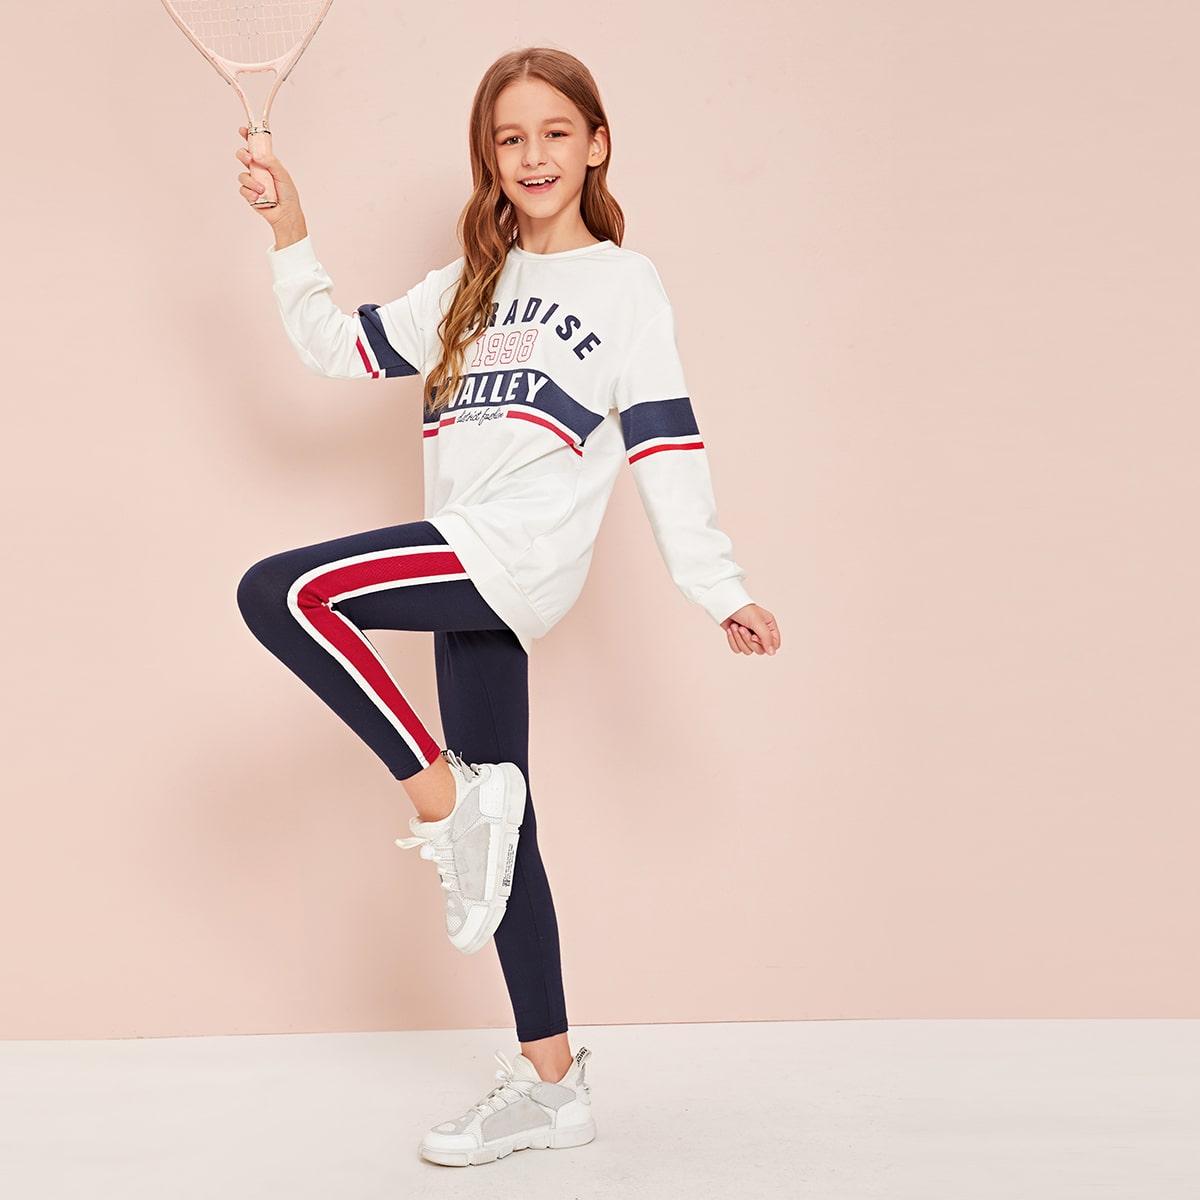 Пуловер с текстовым принтом и леггинсы с полосками для девочек от SHEIN